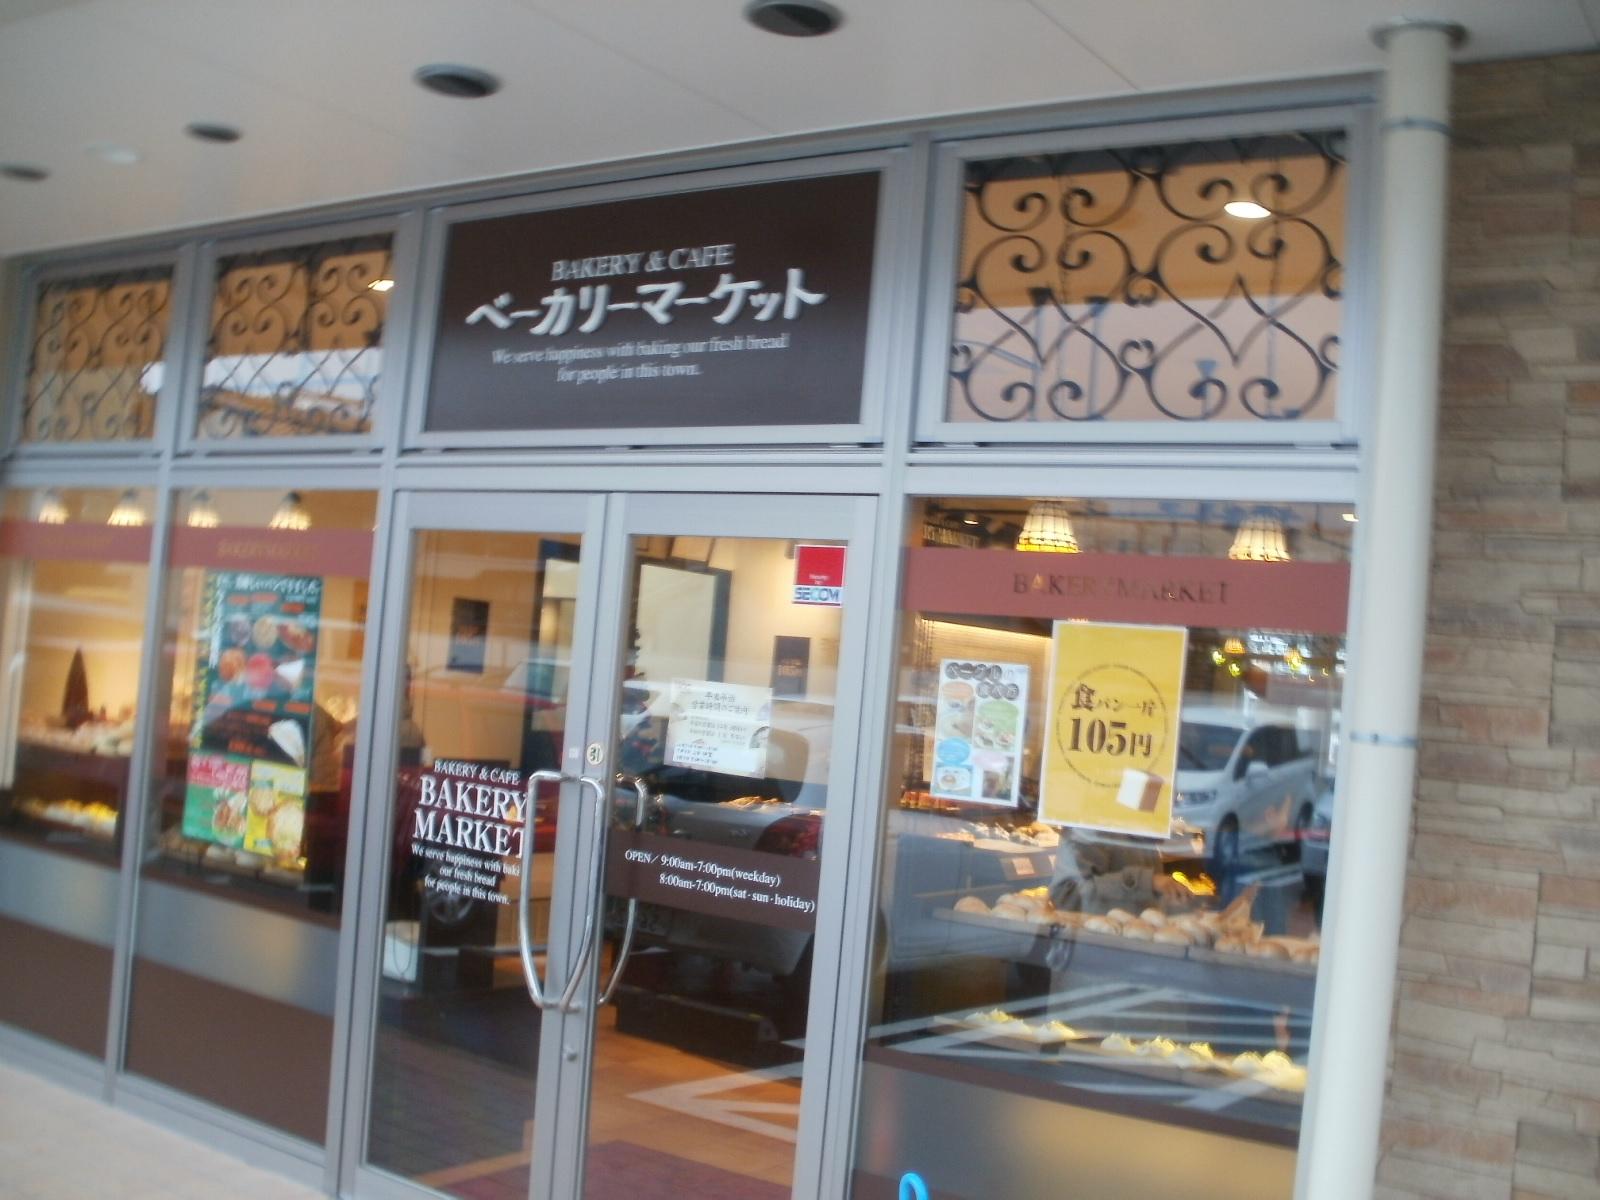 ベーカリーマーケット 倉吉駅前店